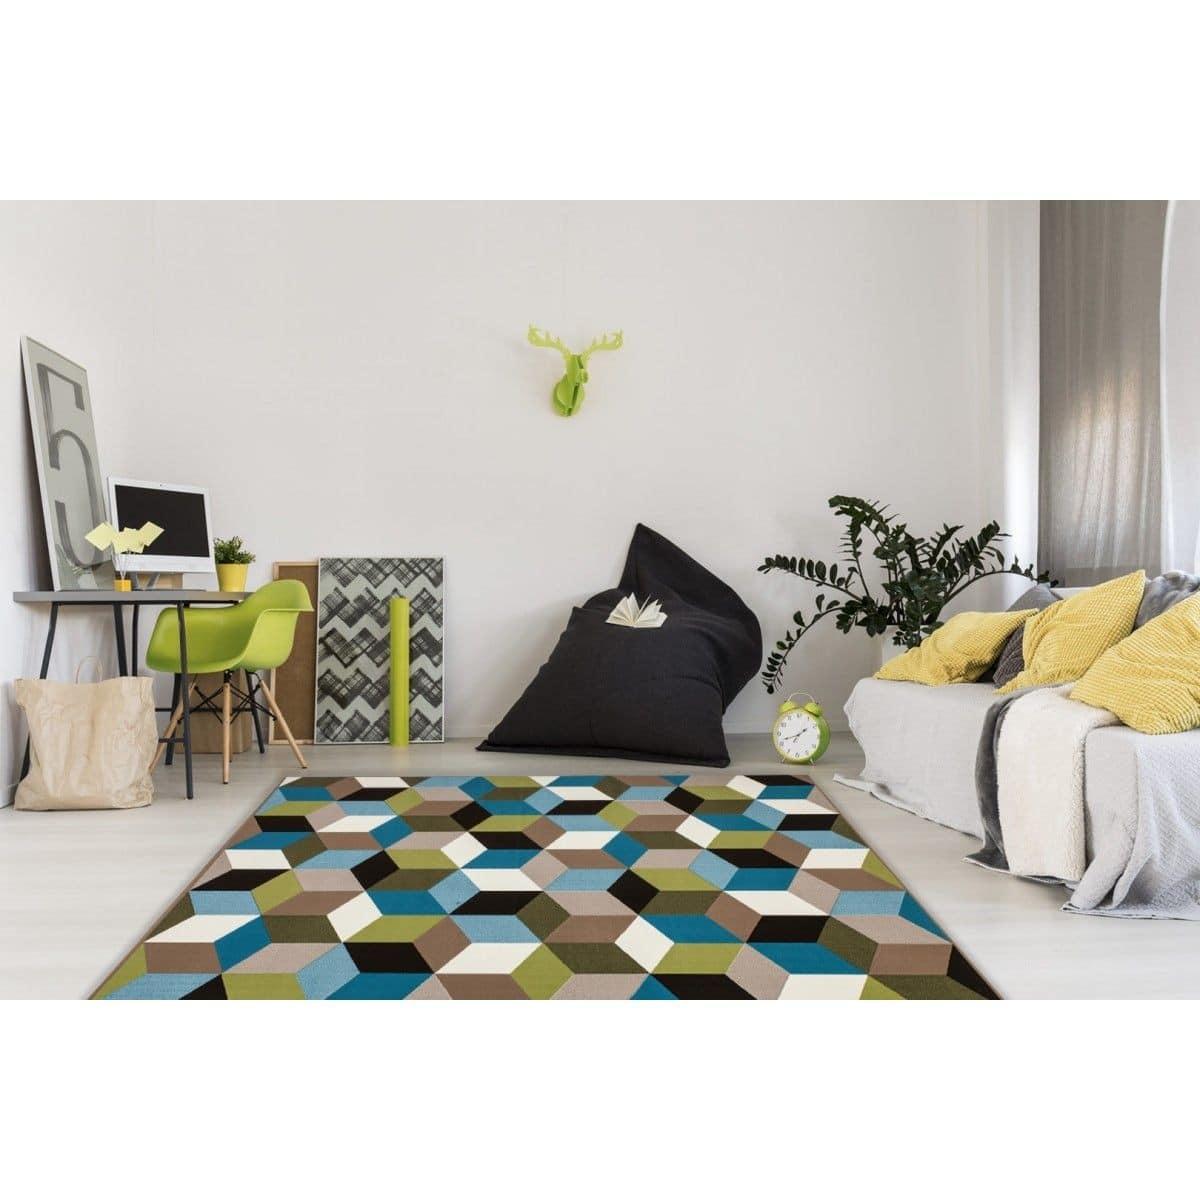 Tapis géométrique style scandinave multicolore